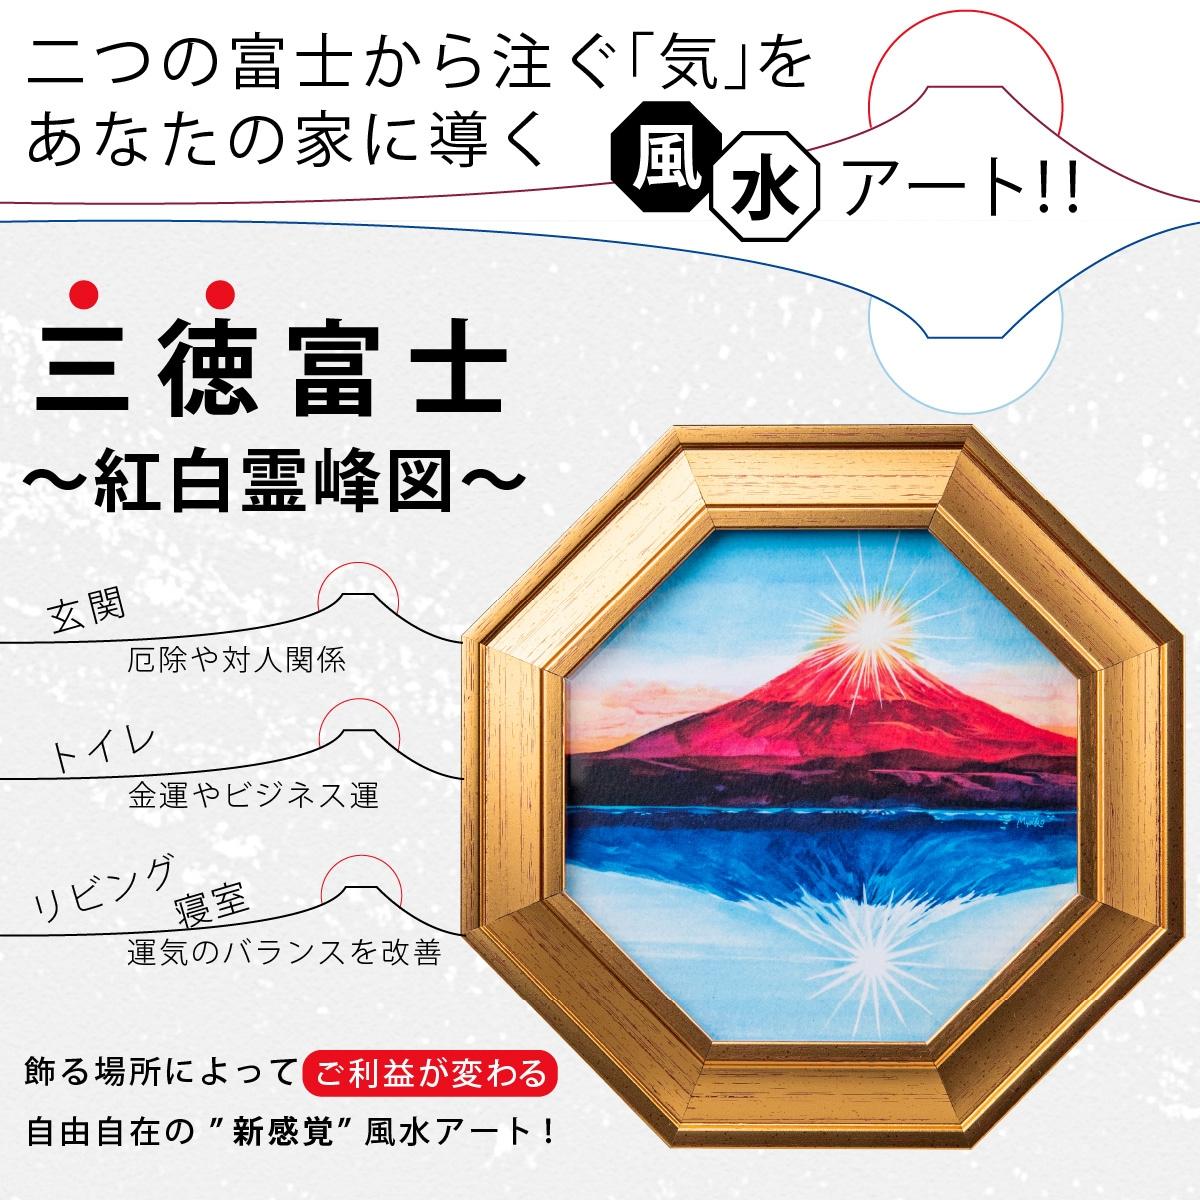 万能風水アート 風水三徳富士〜紅白霊峰図〜 開運グッズ